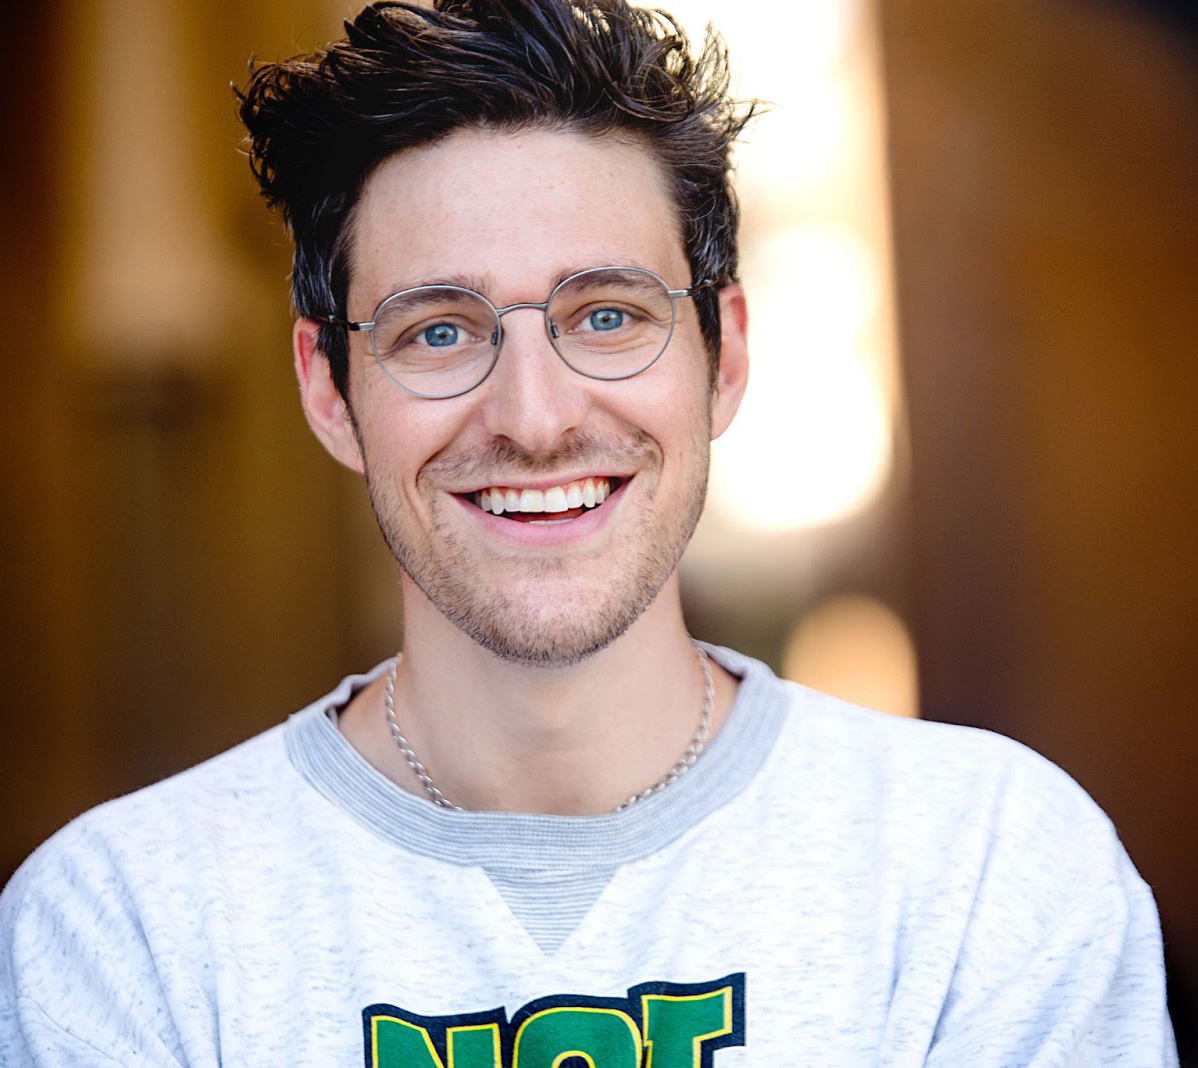 Zachary Bornstein